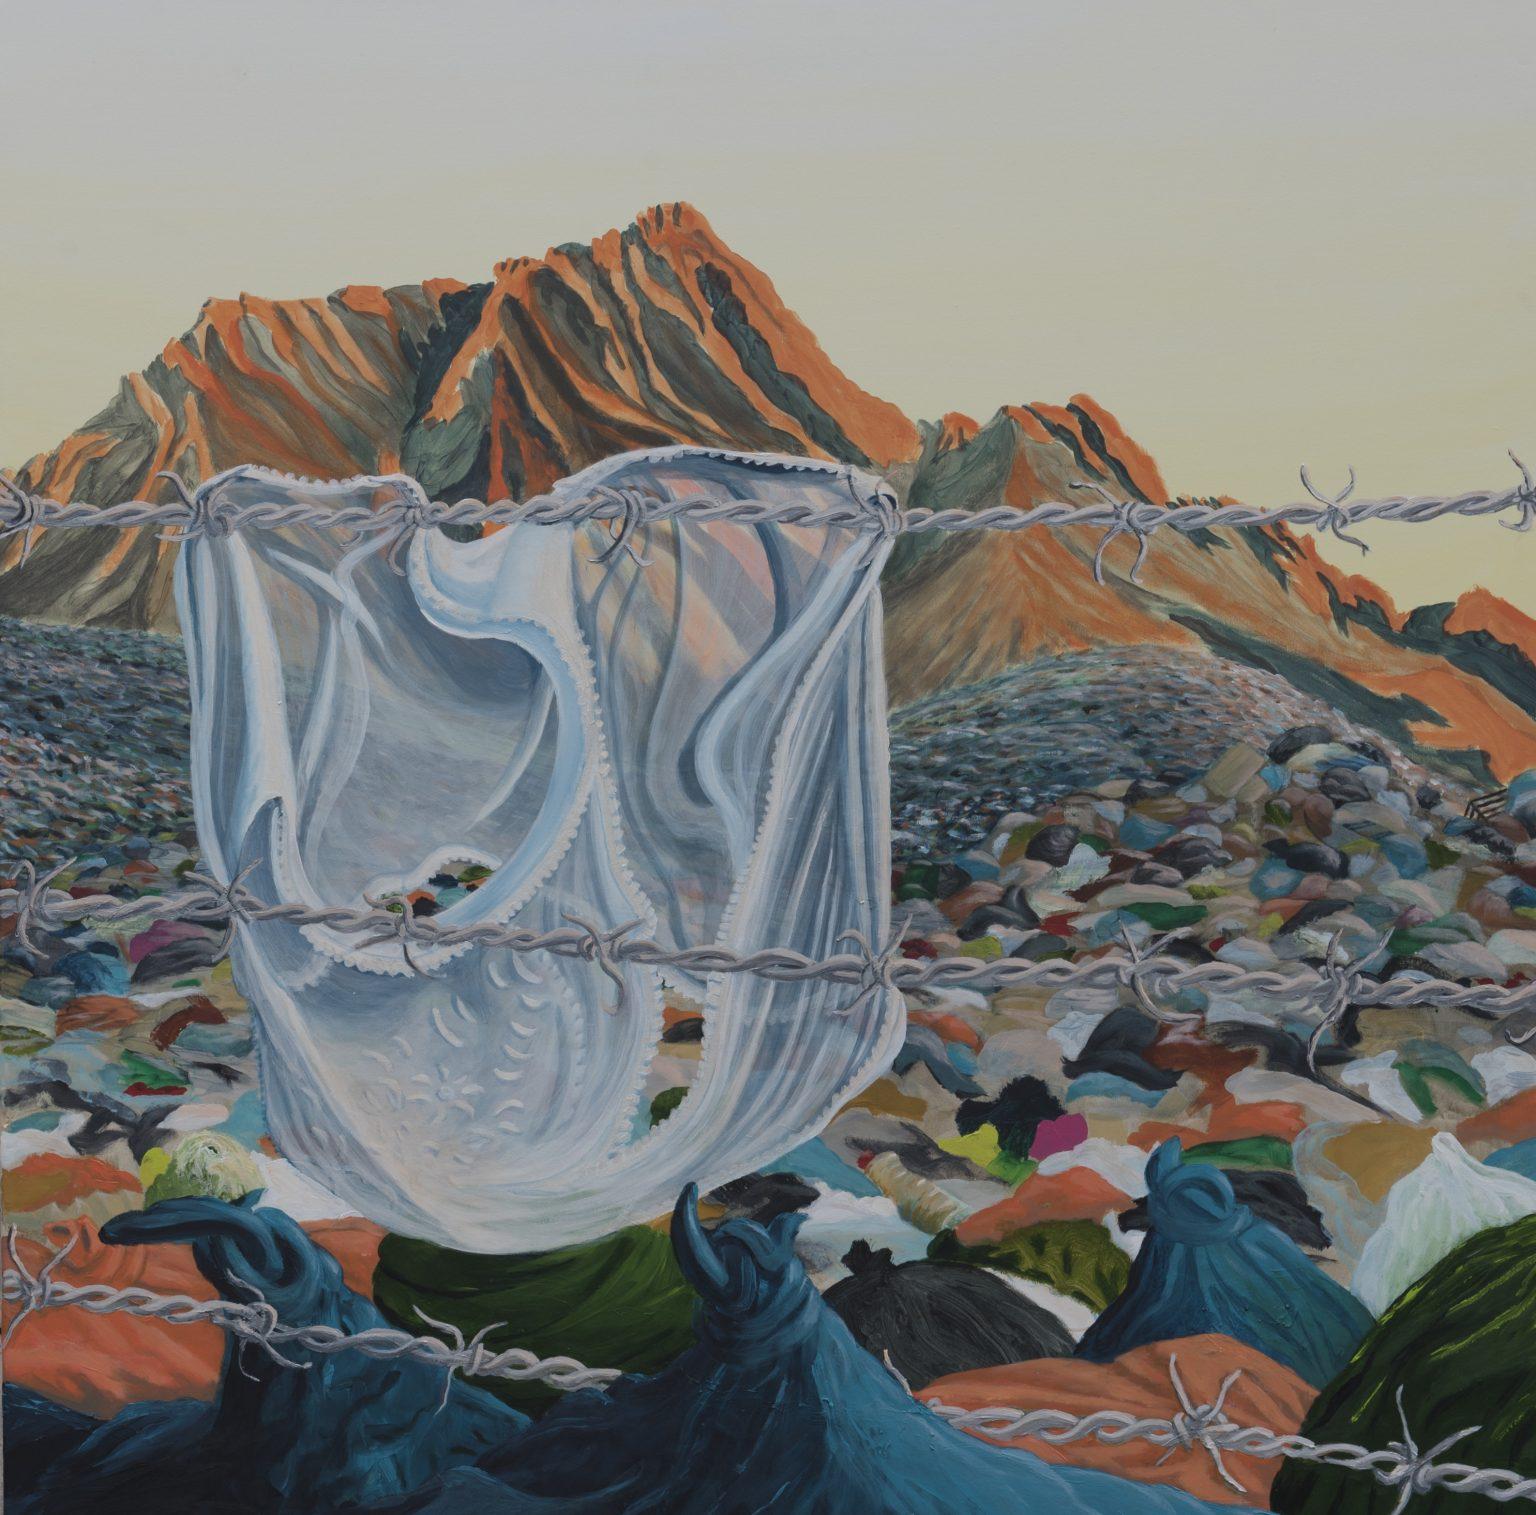 RESTOS (acrílico en tela 150 x 150 cm.) obra del artista visual Guillermo del Valle